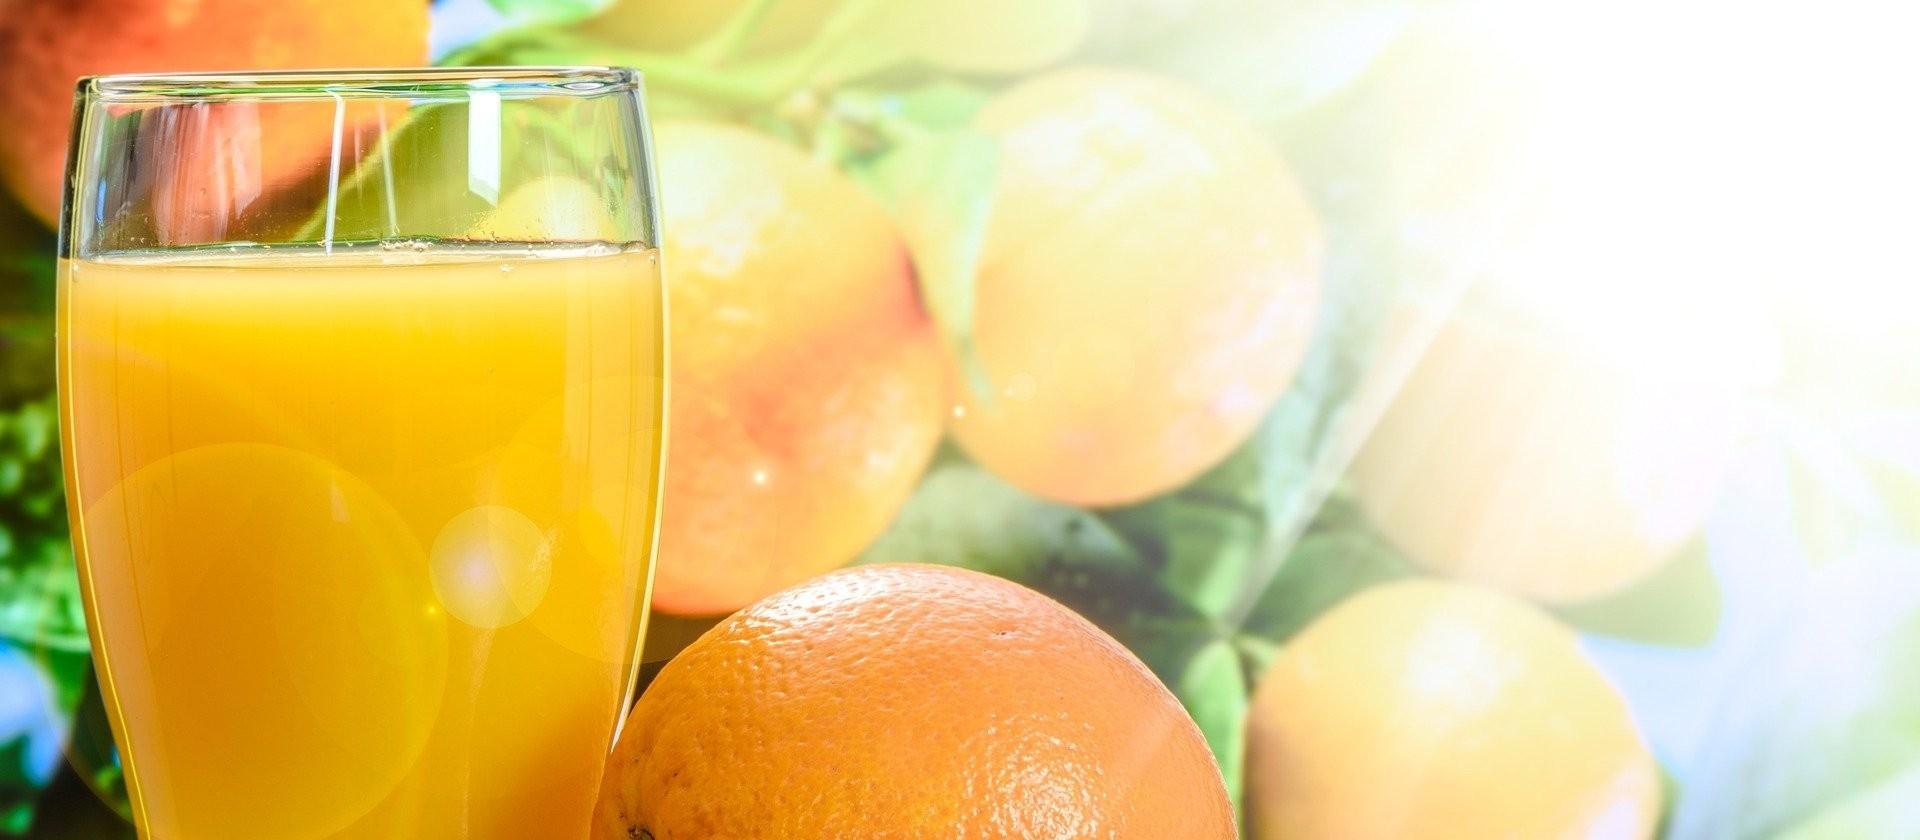 Exportações de suco de laranja cresceram 17% no Brasil